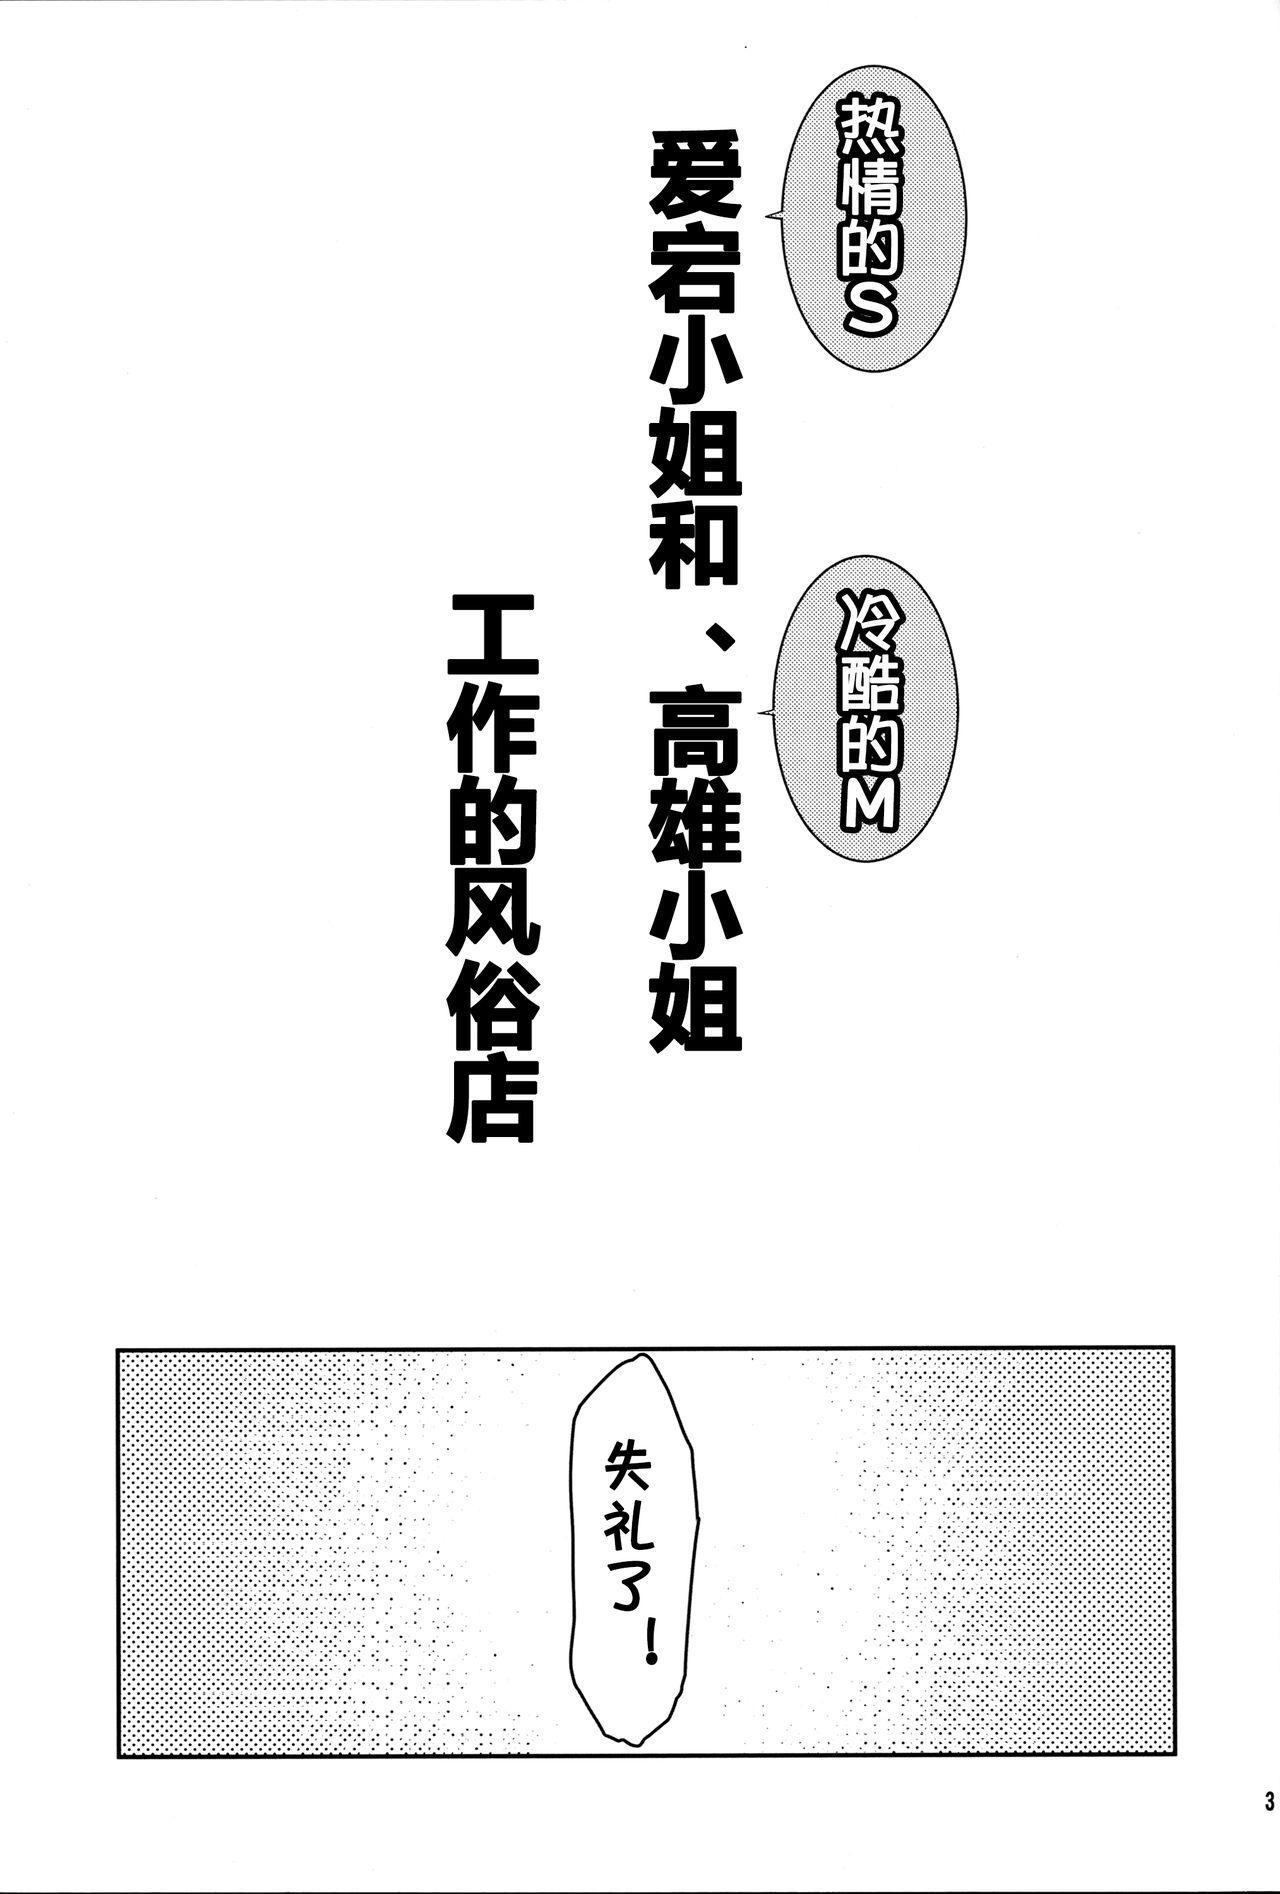 (C89) [Arinotowatari (Arinotowatari)] Hogaraka S no Atago-san to Cool M no Takao-san ga Iru Fuuzokuten (Kantai Collection -KanColle-) [Chinese] [风油精汉化组] 2